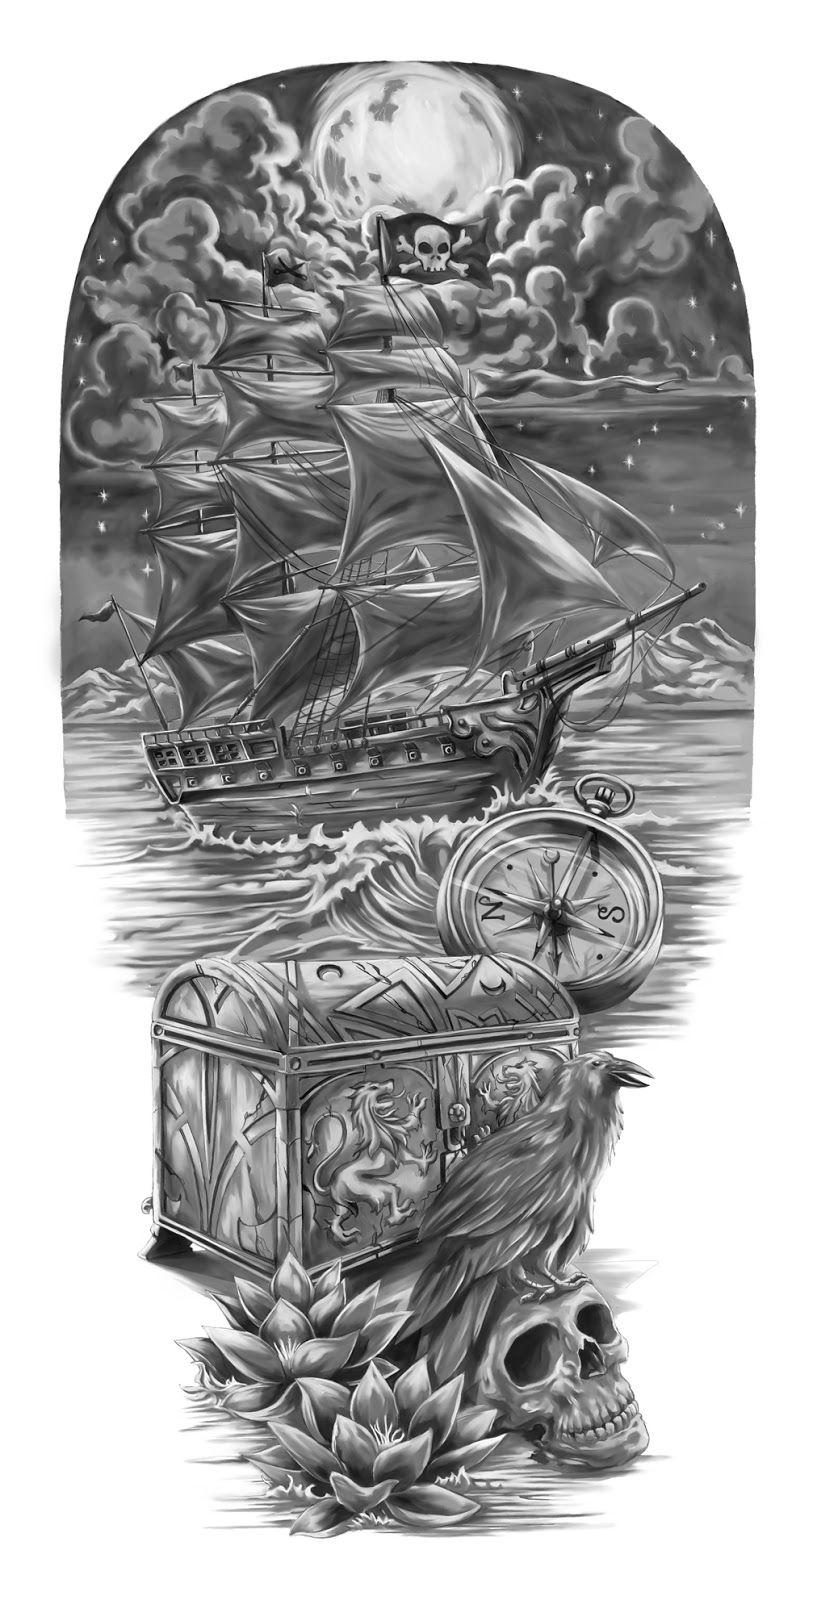 Pirate Tattoo Ideas Treasure Tattoo Designs Pirates The Lost Treasure Full Sleeve Pirate Tattoo Cool Tattoos For Guys Spartan Tattoo